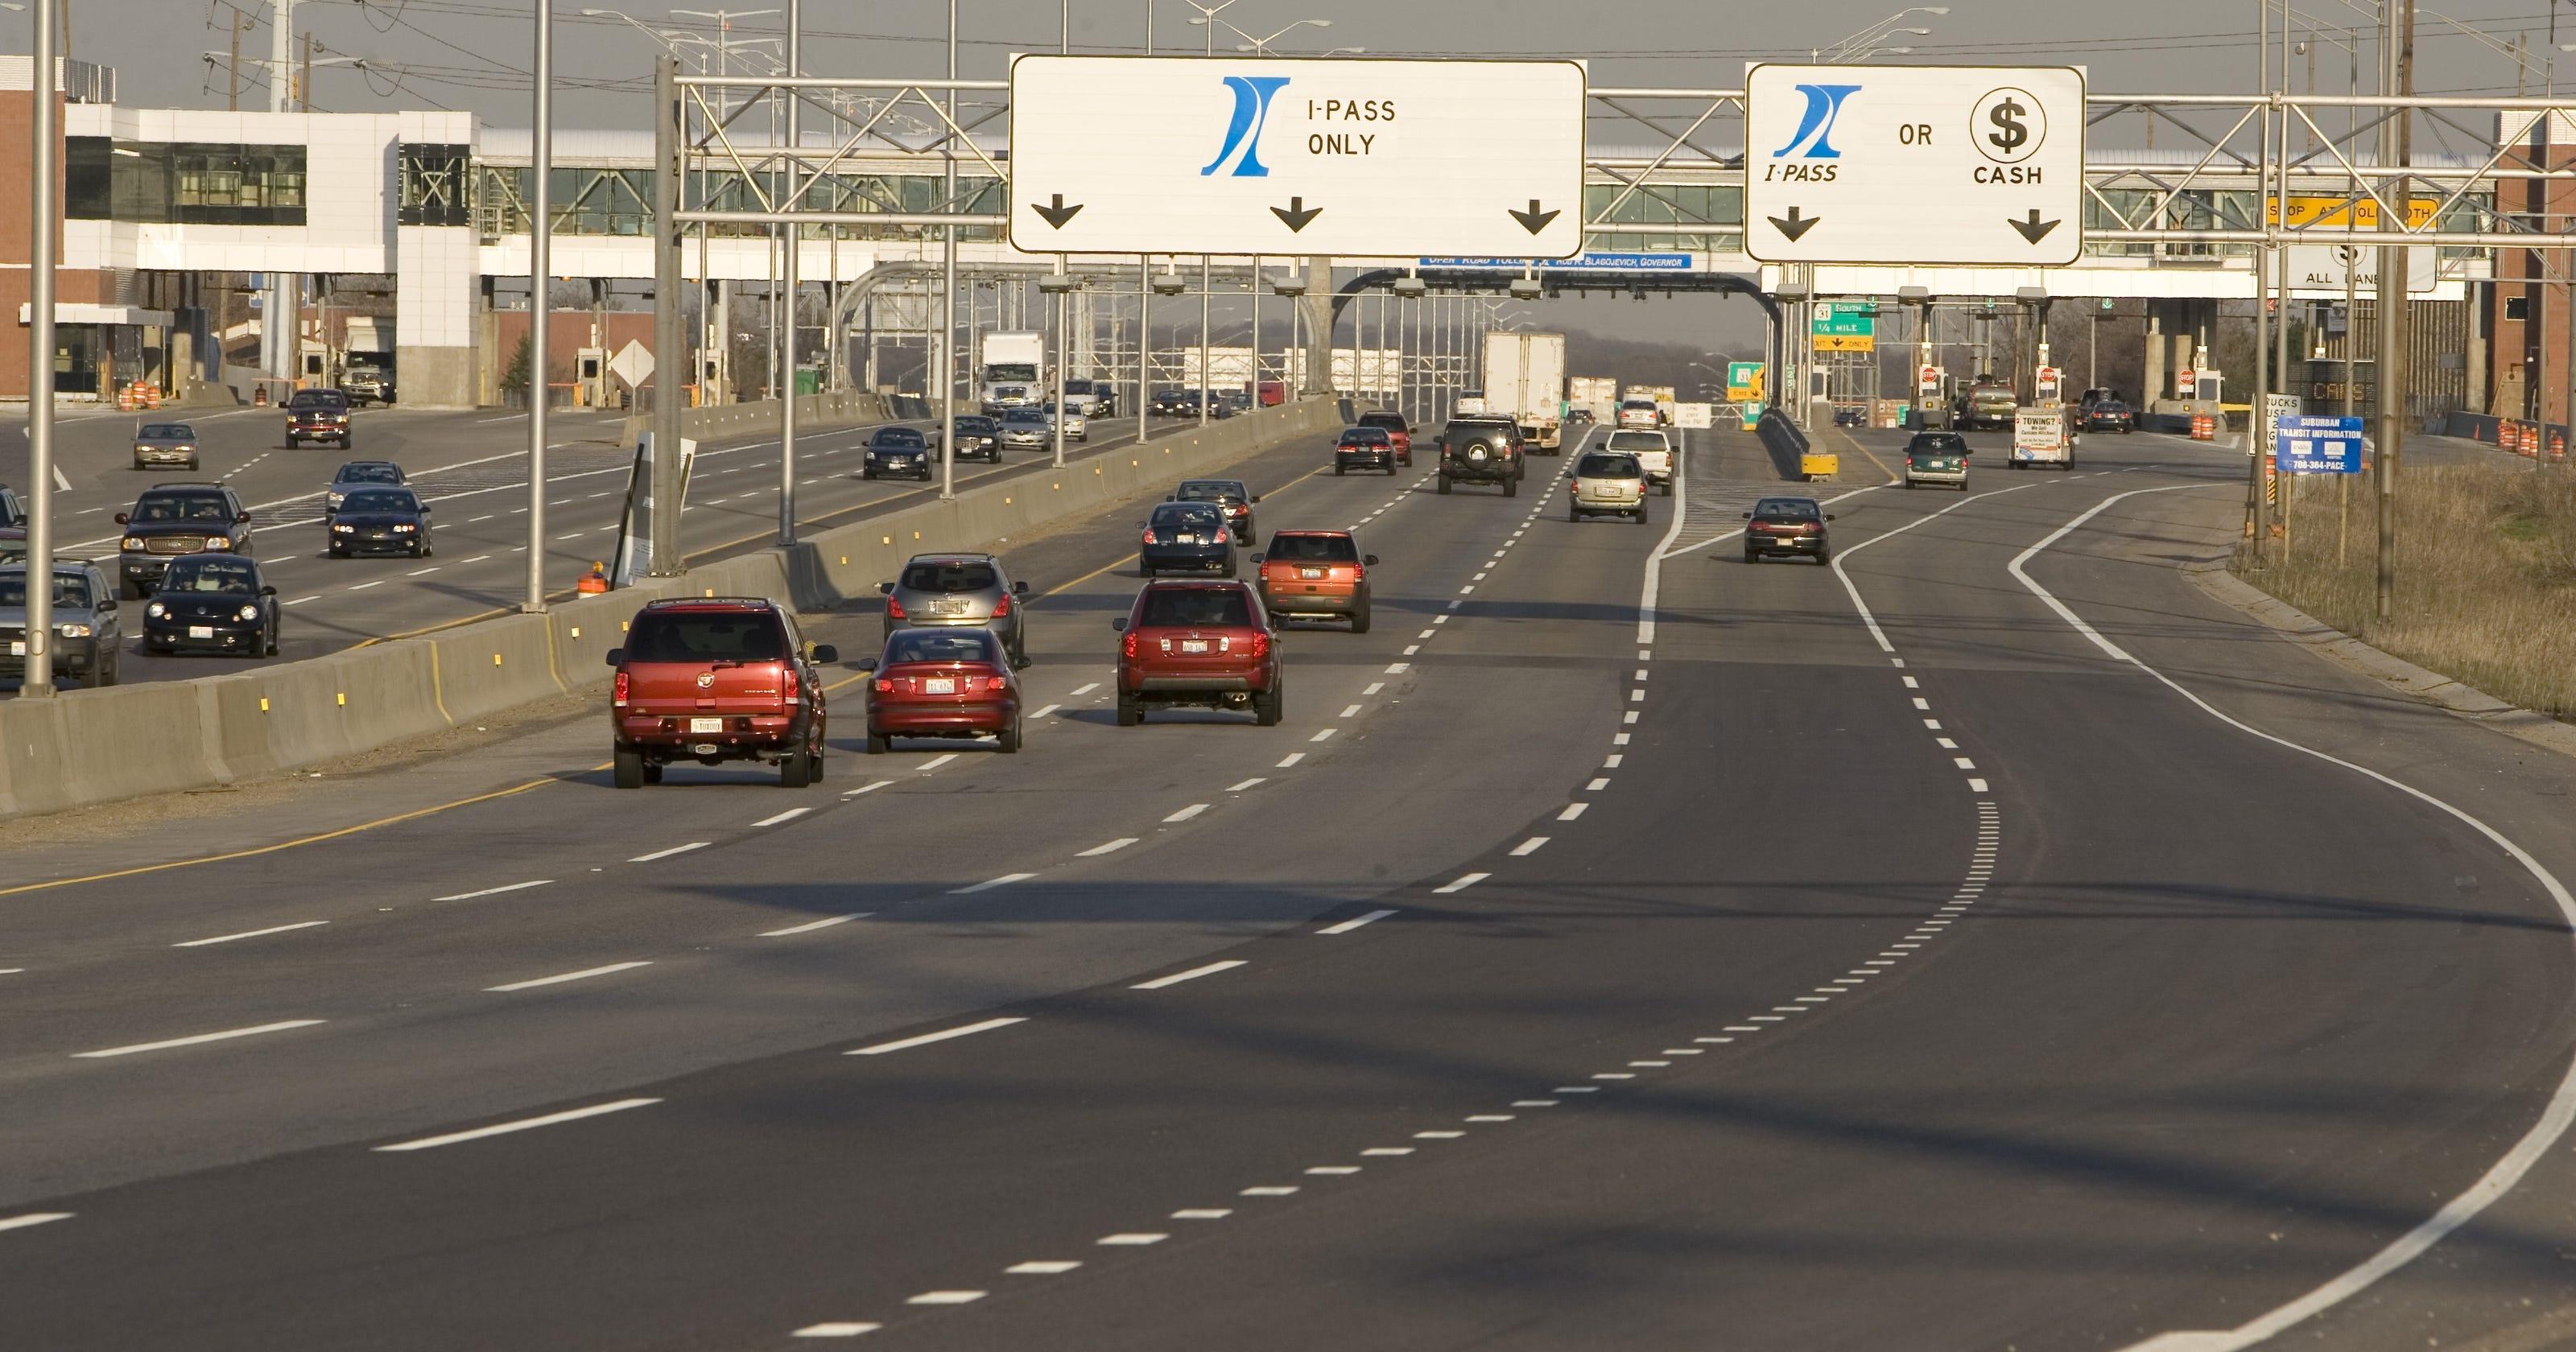 Tolls trip rental car customers